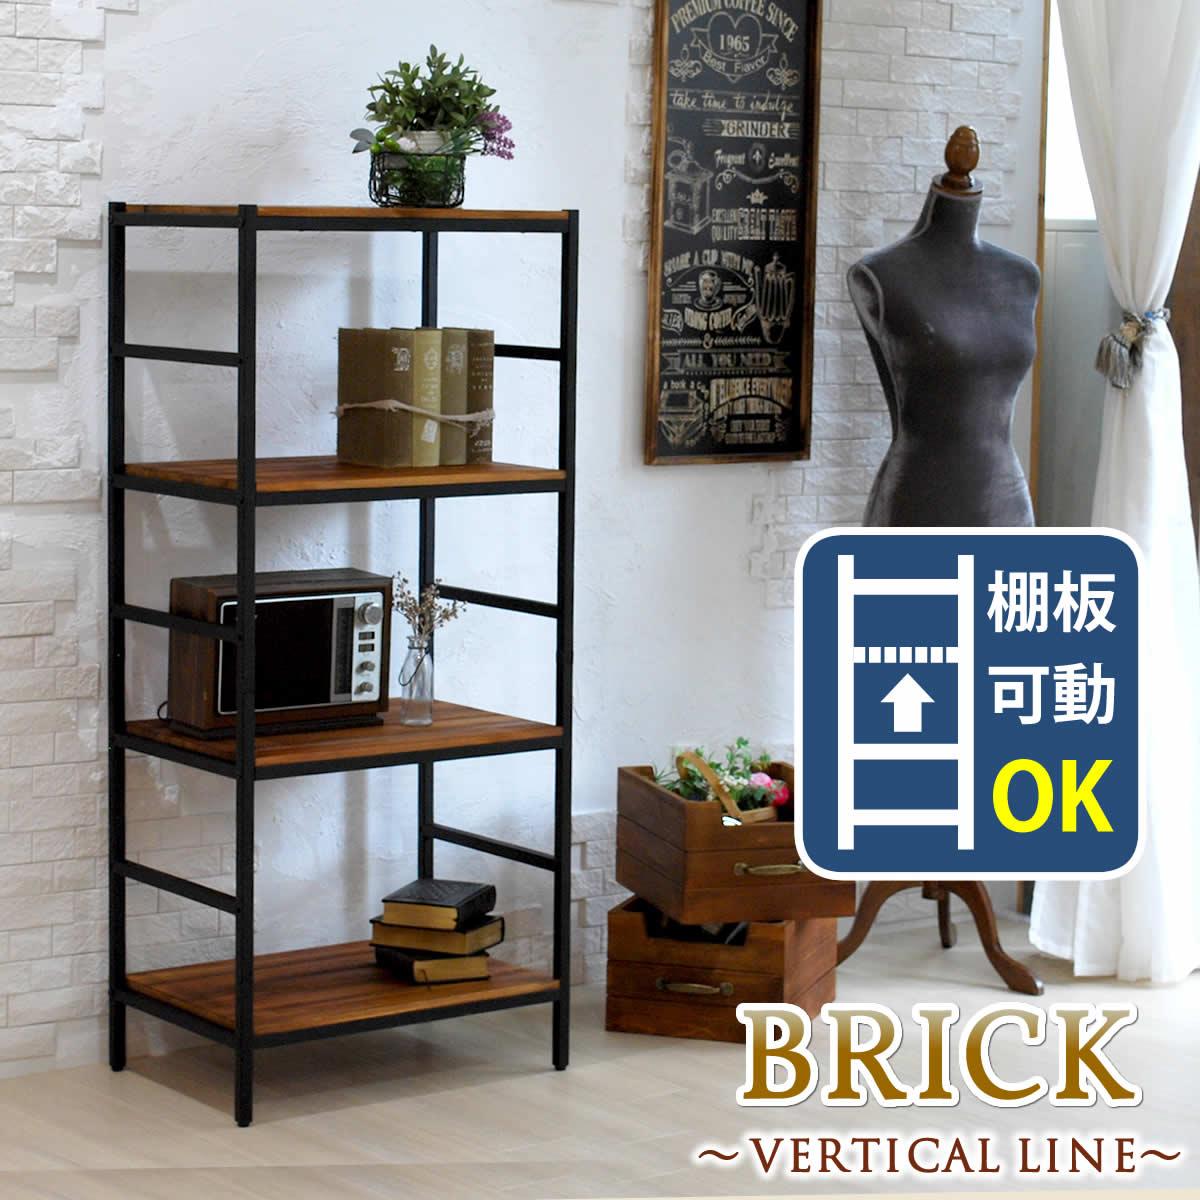 【送料無料】 〔BRICKシリーズ〕 ブリック ラックシリーズ 4段タイプ 60×40×135